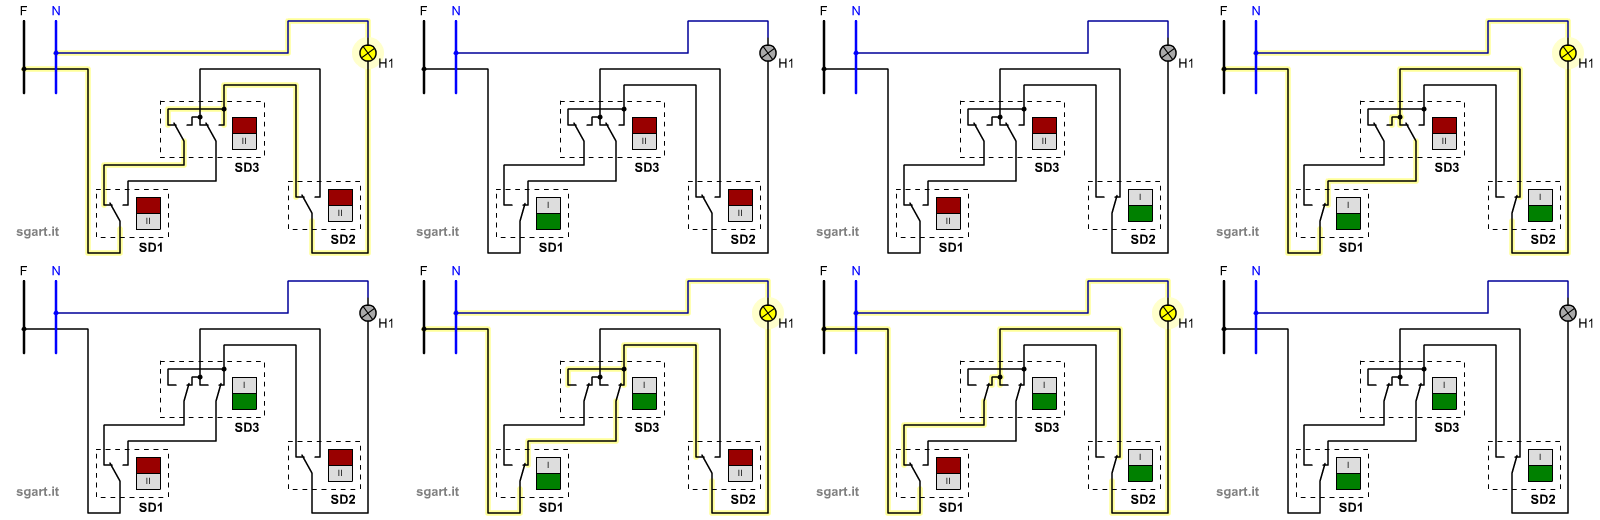 Schema Elettrico Di Un Deviatore : Simulazione circuiti elettrici civili accensione da più